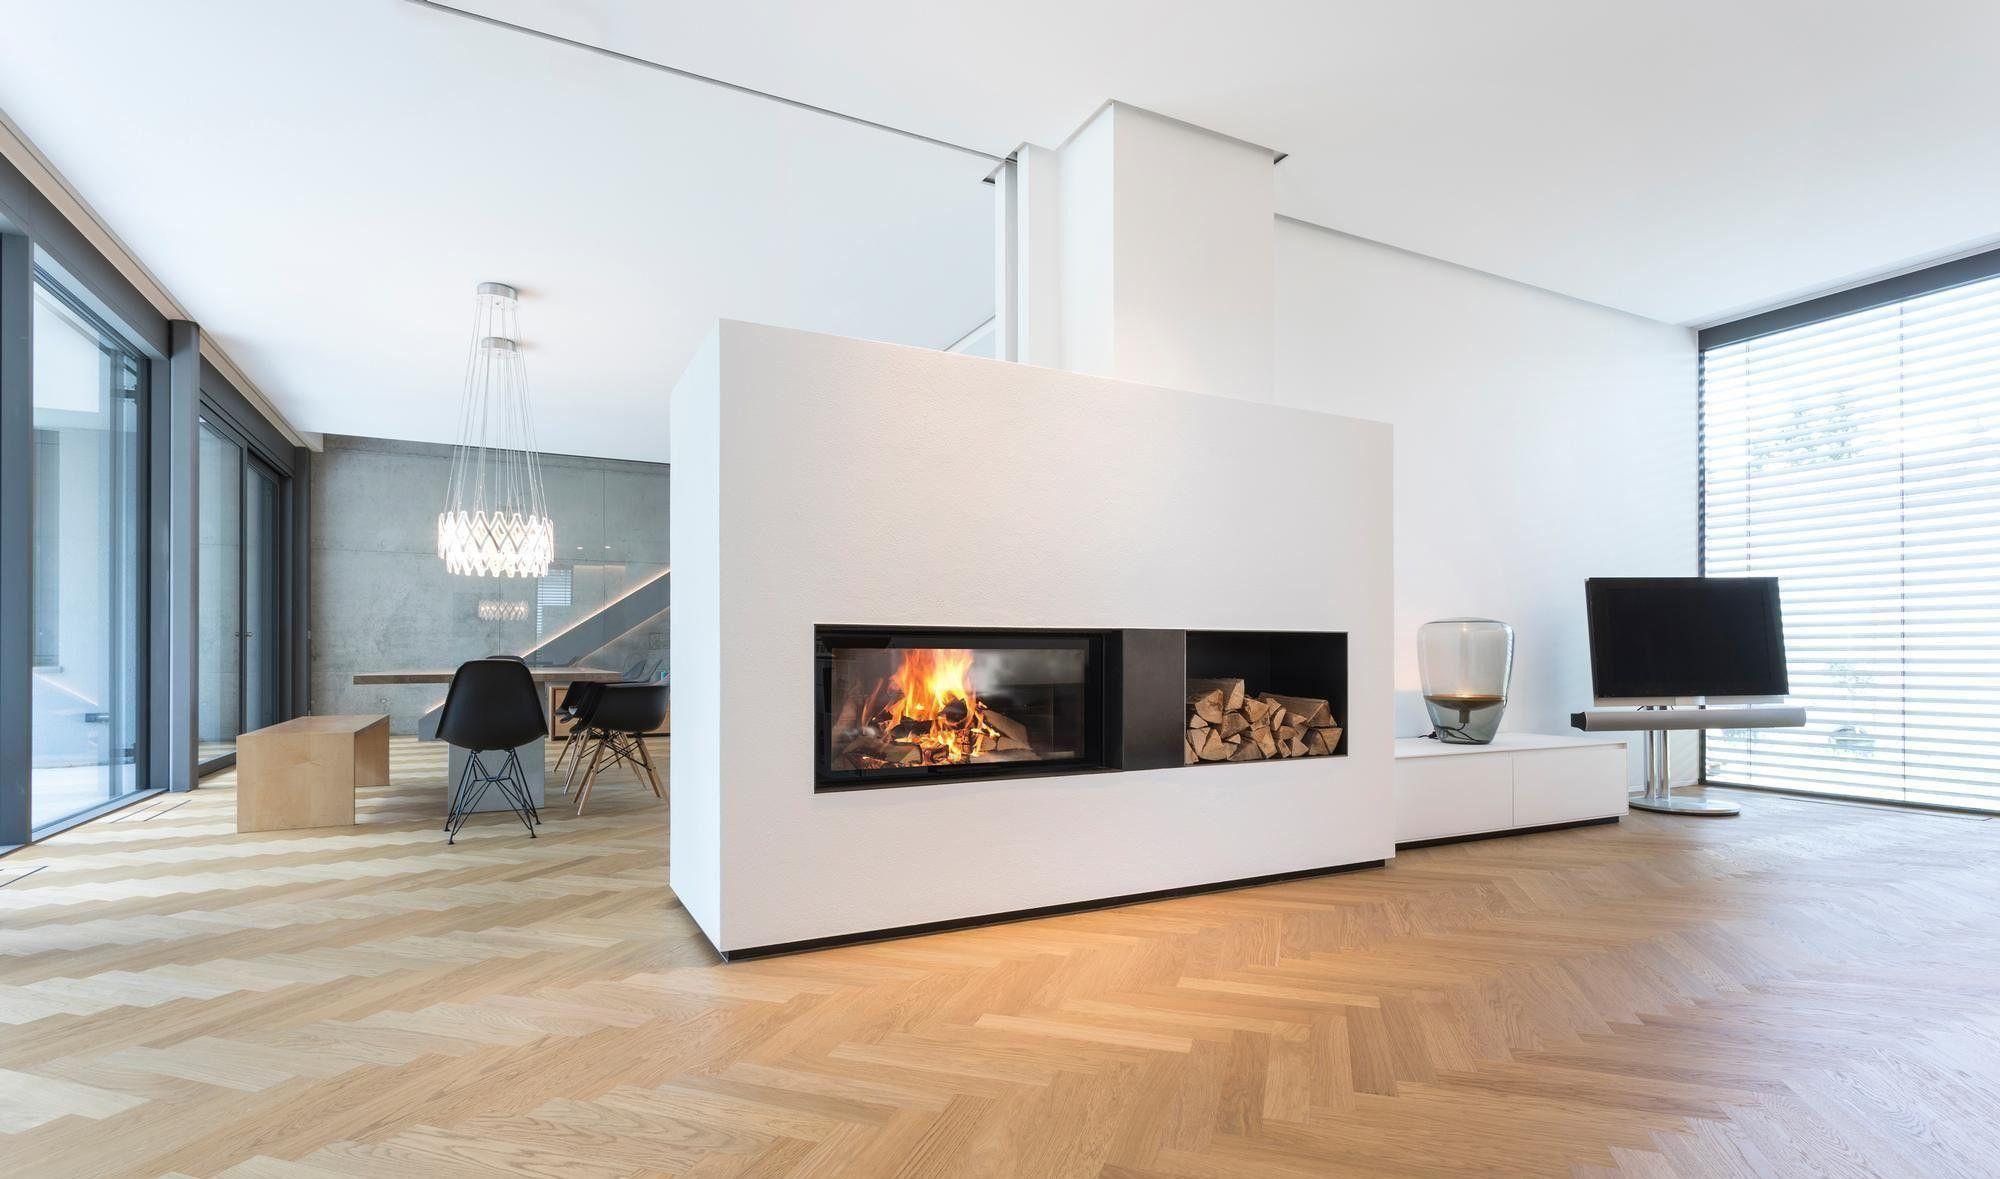 Cheminées - Cheminée / Kamin / Ofen  Wohnung innenarchitektur